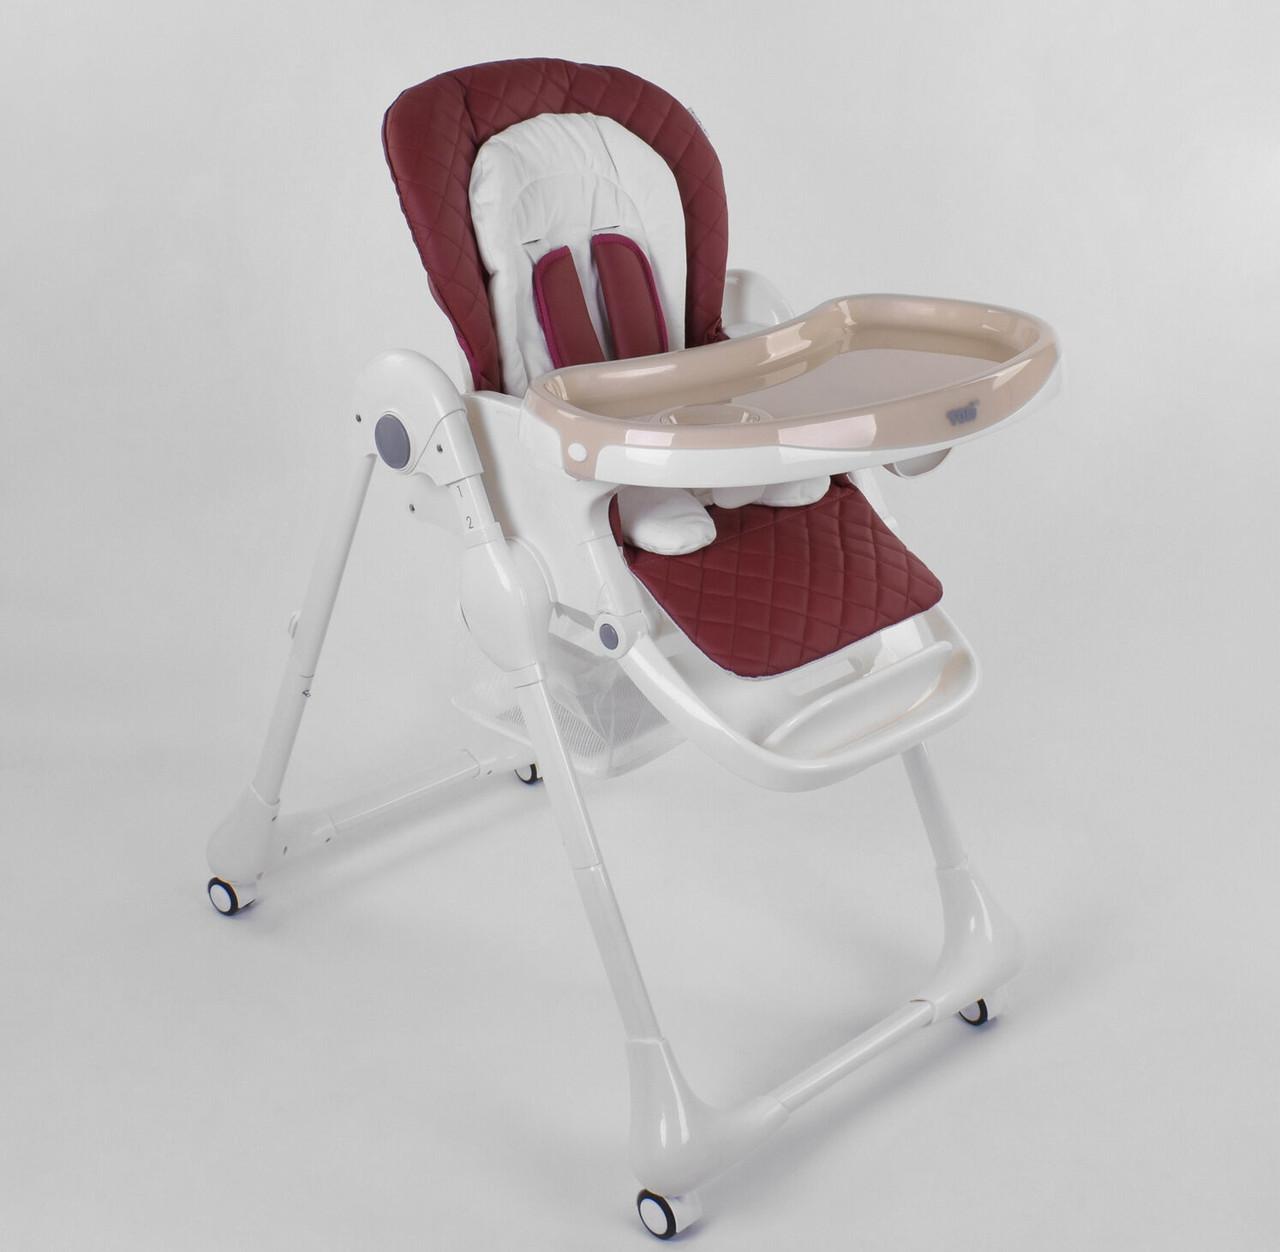 Стільчик для годування дитини зі знімним столиком і регулюванням по висоті Toti W-22019, бордовий